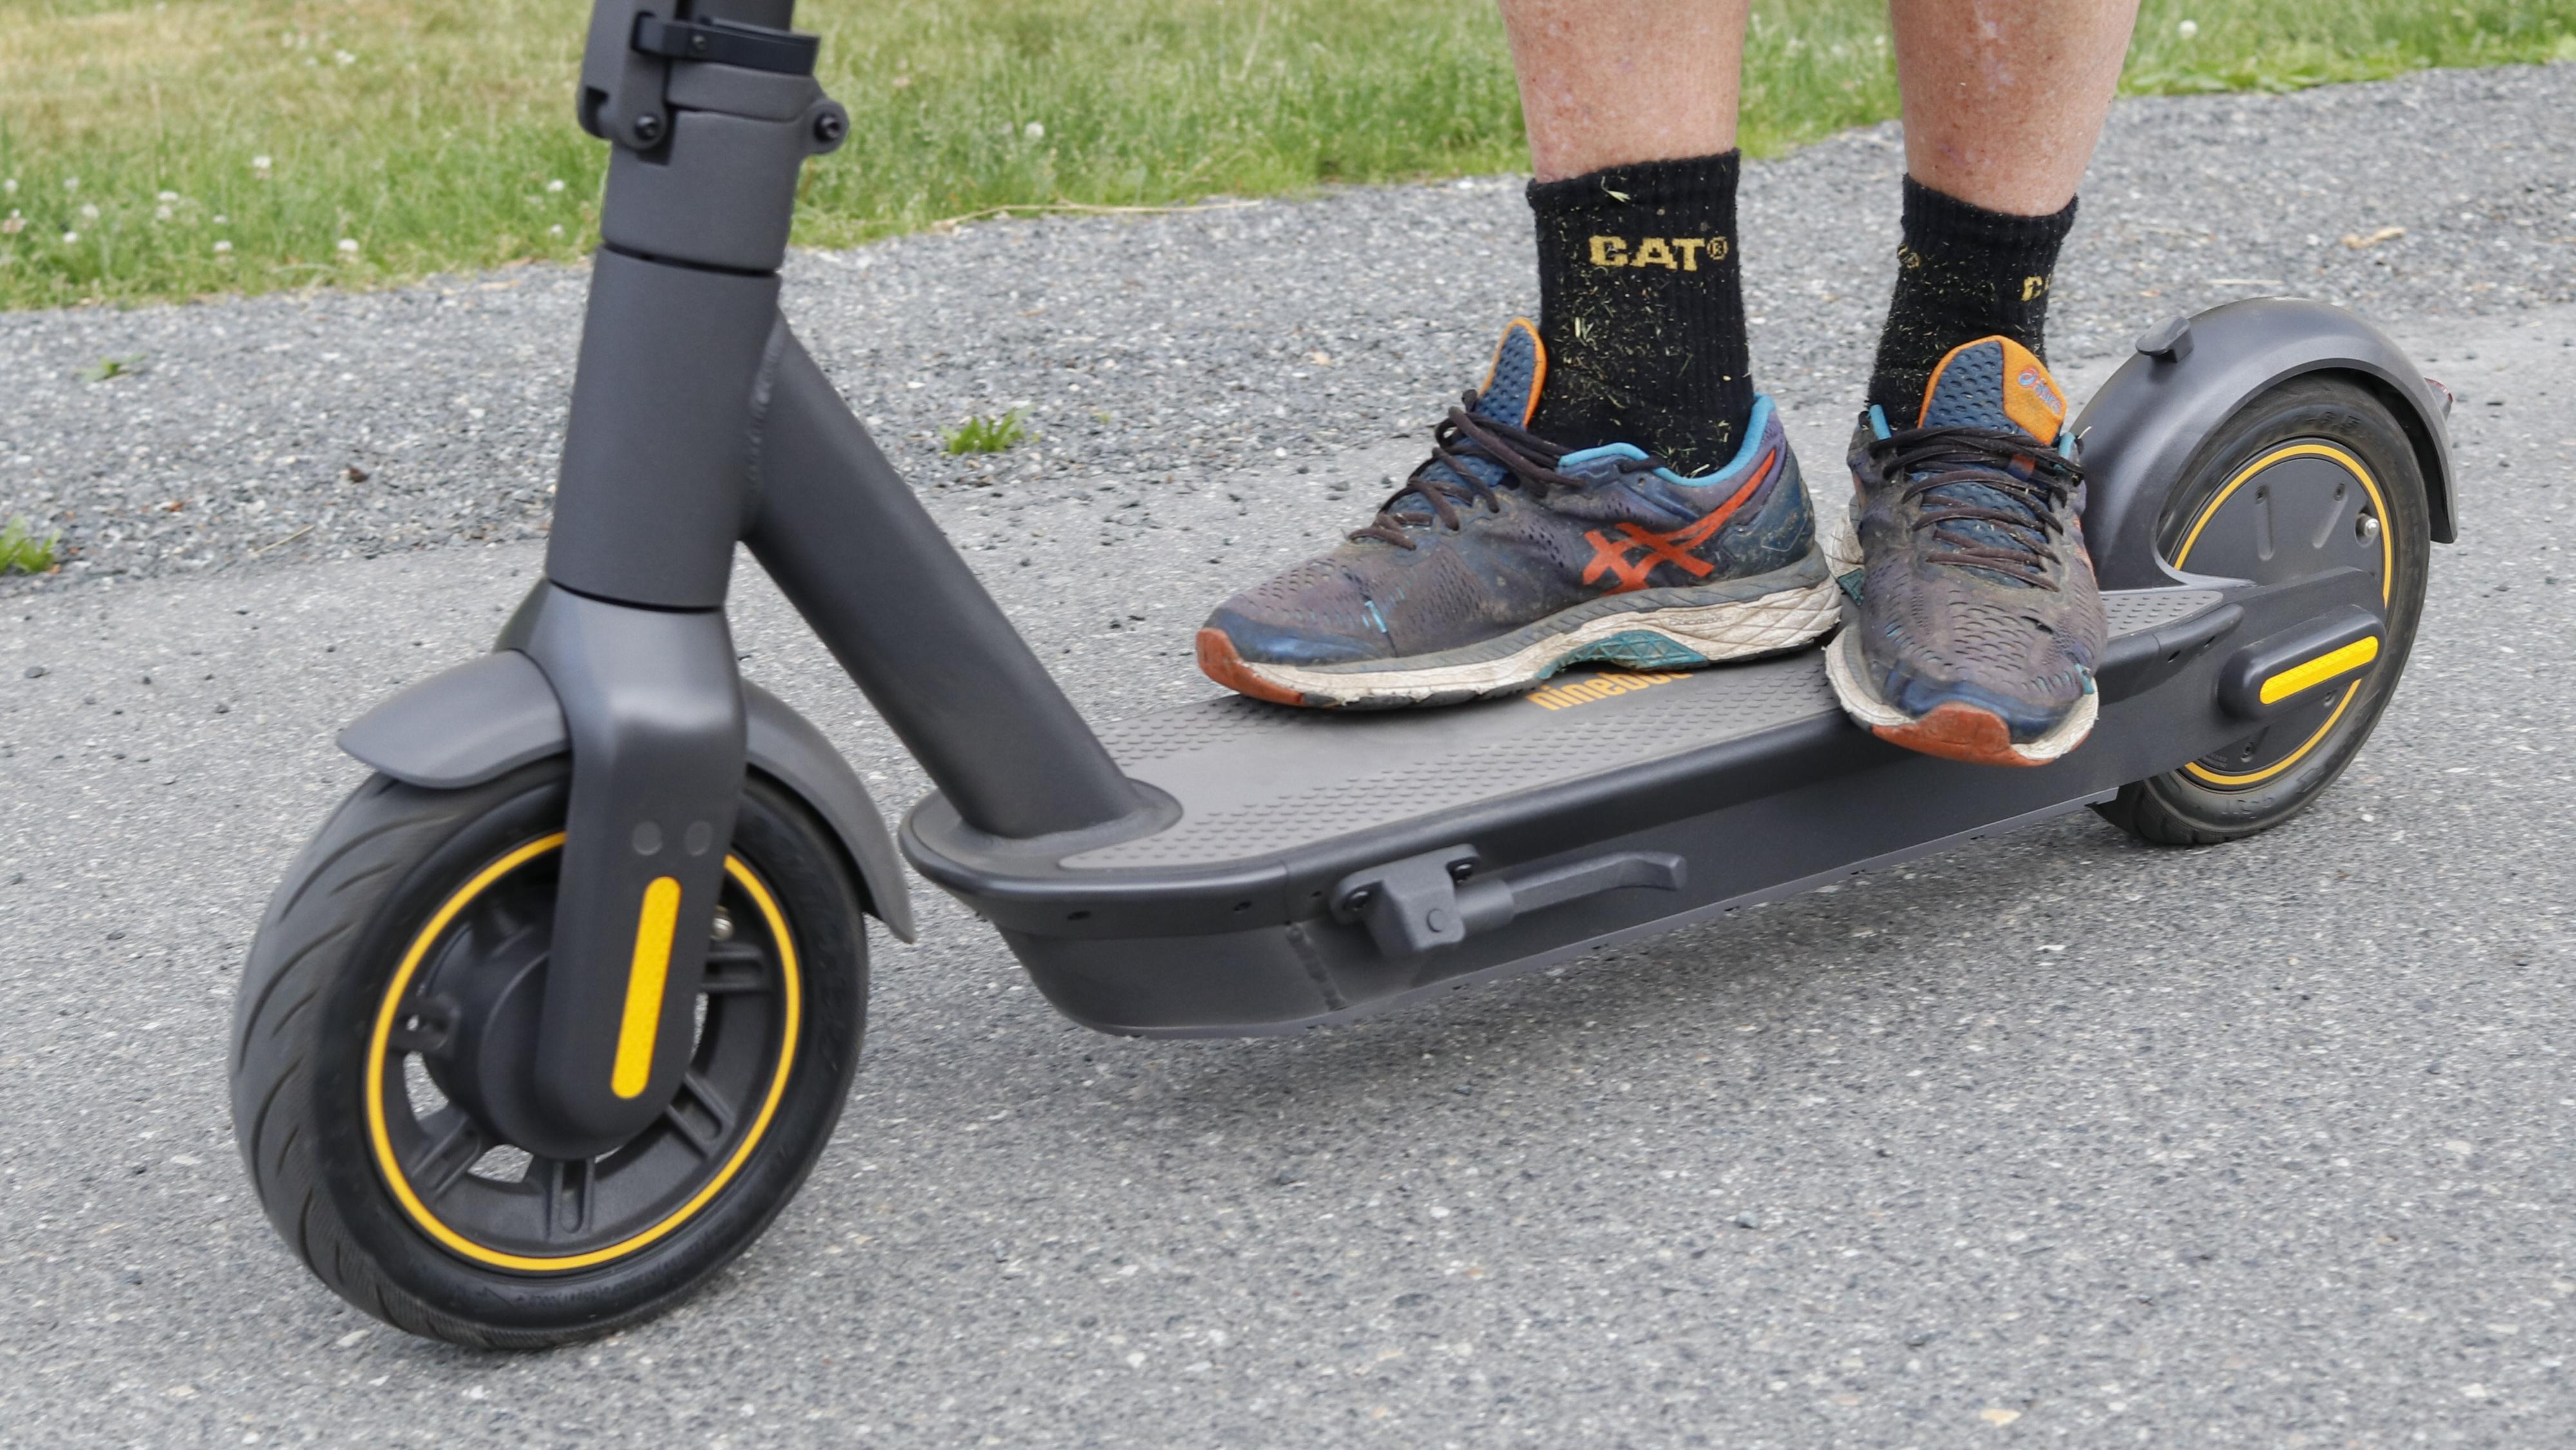 Ninebot Max G30 har store hjul, et kraftig ståbrett og ditto batteri. Rekkevidden målte vi til godt over femti kilometer.